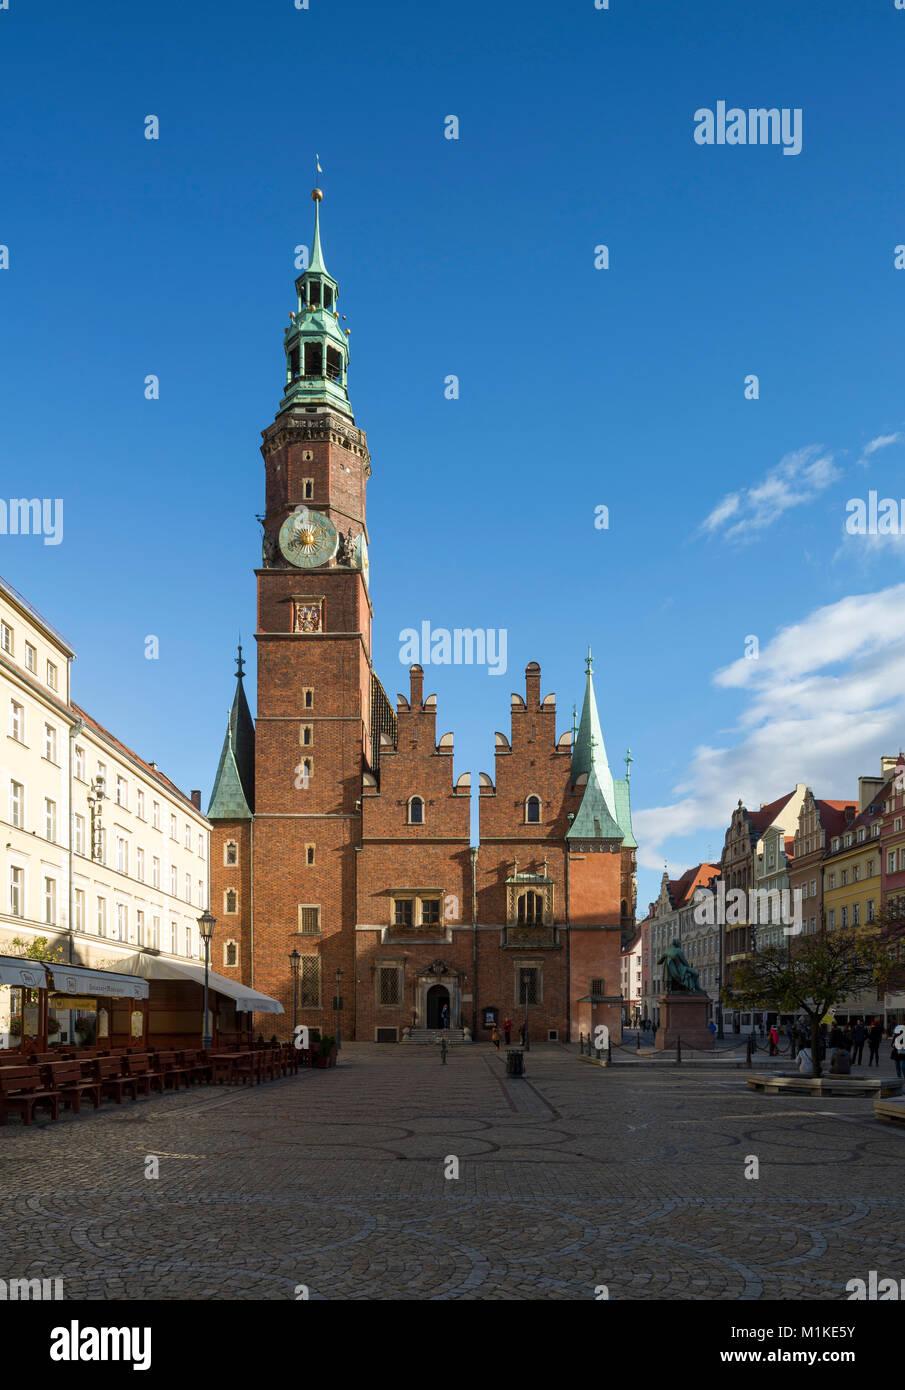 Wroclaw Breslau, Großer Ring (polnisch Rynek), Marktplatz, Rückseite des Alten Rathauses - Stock Image